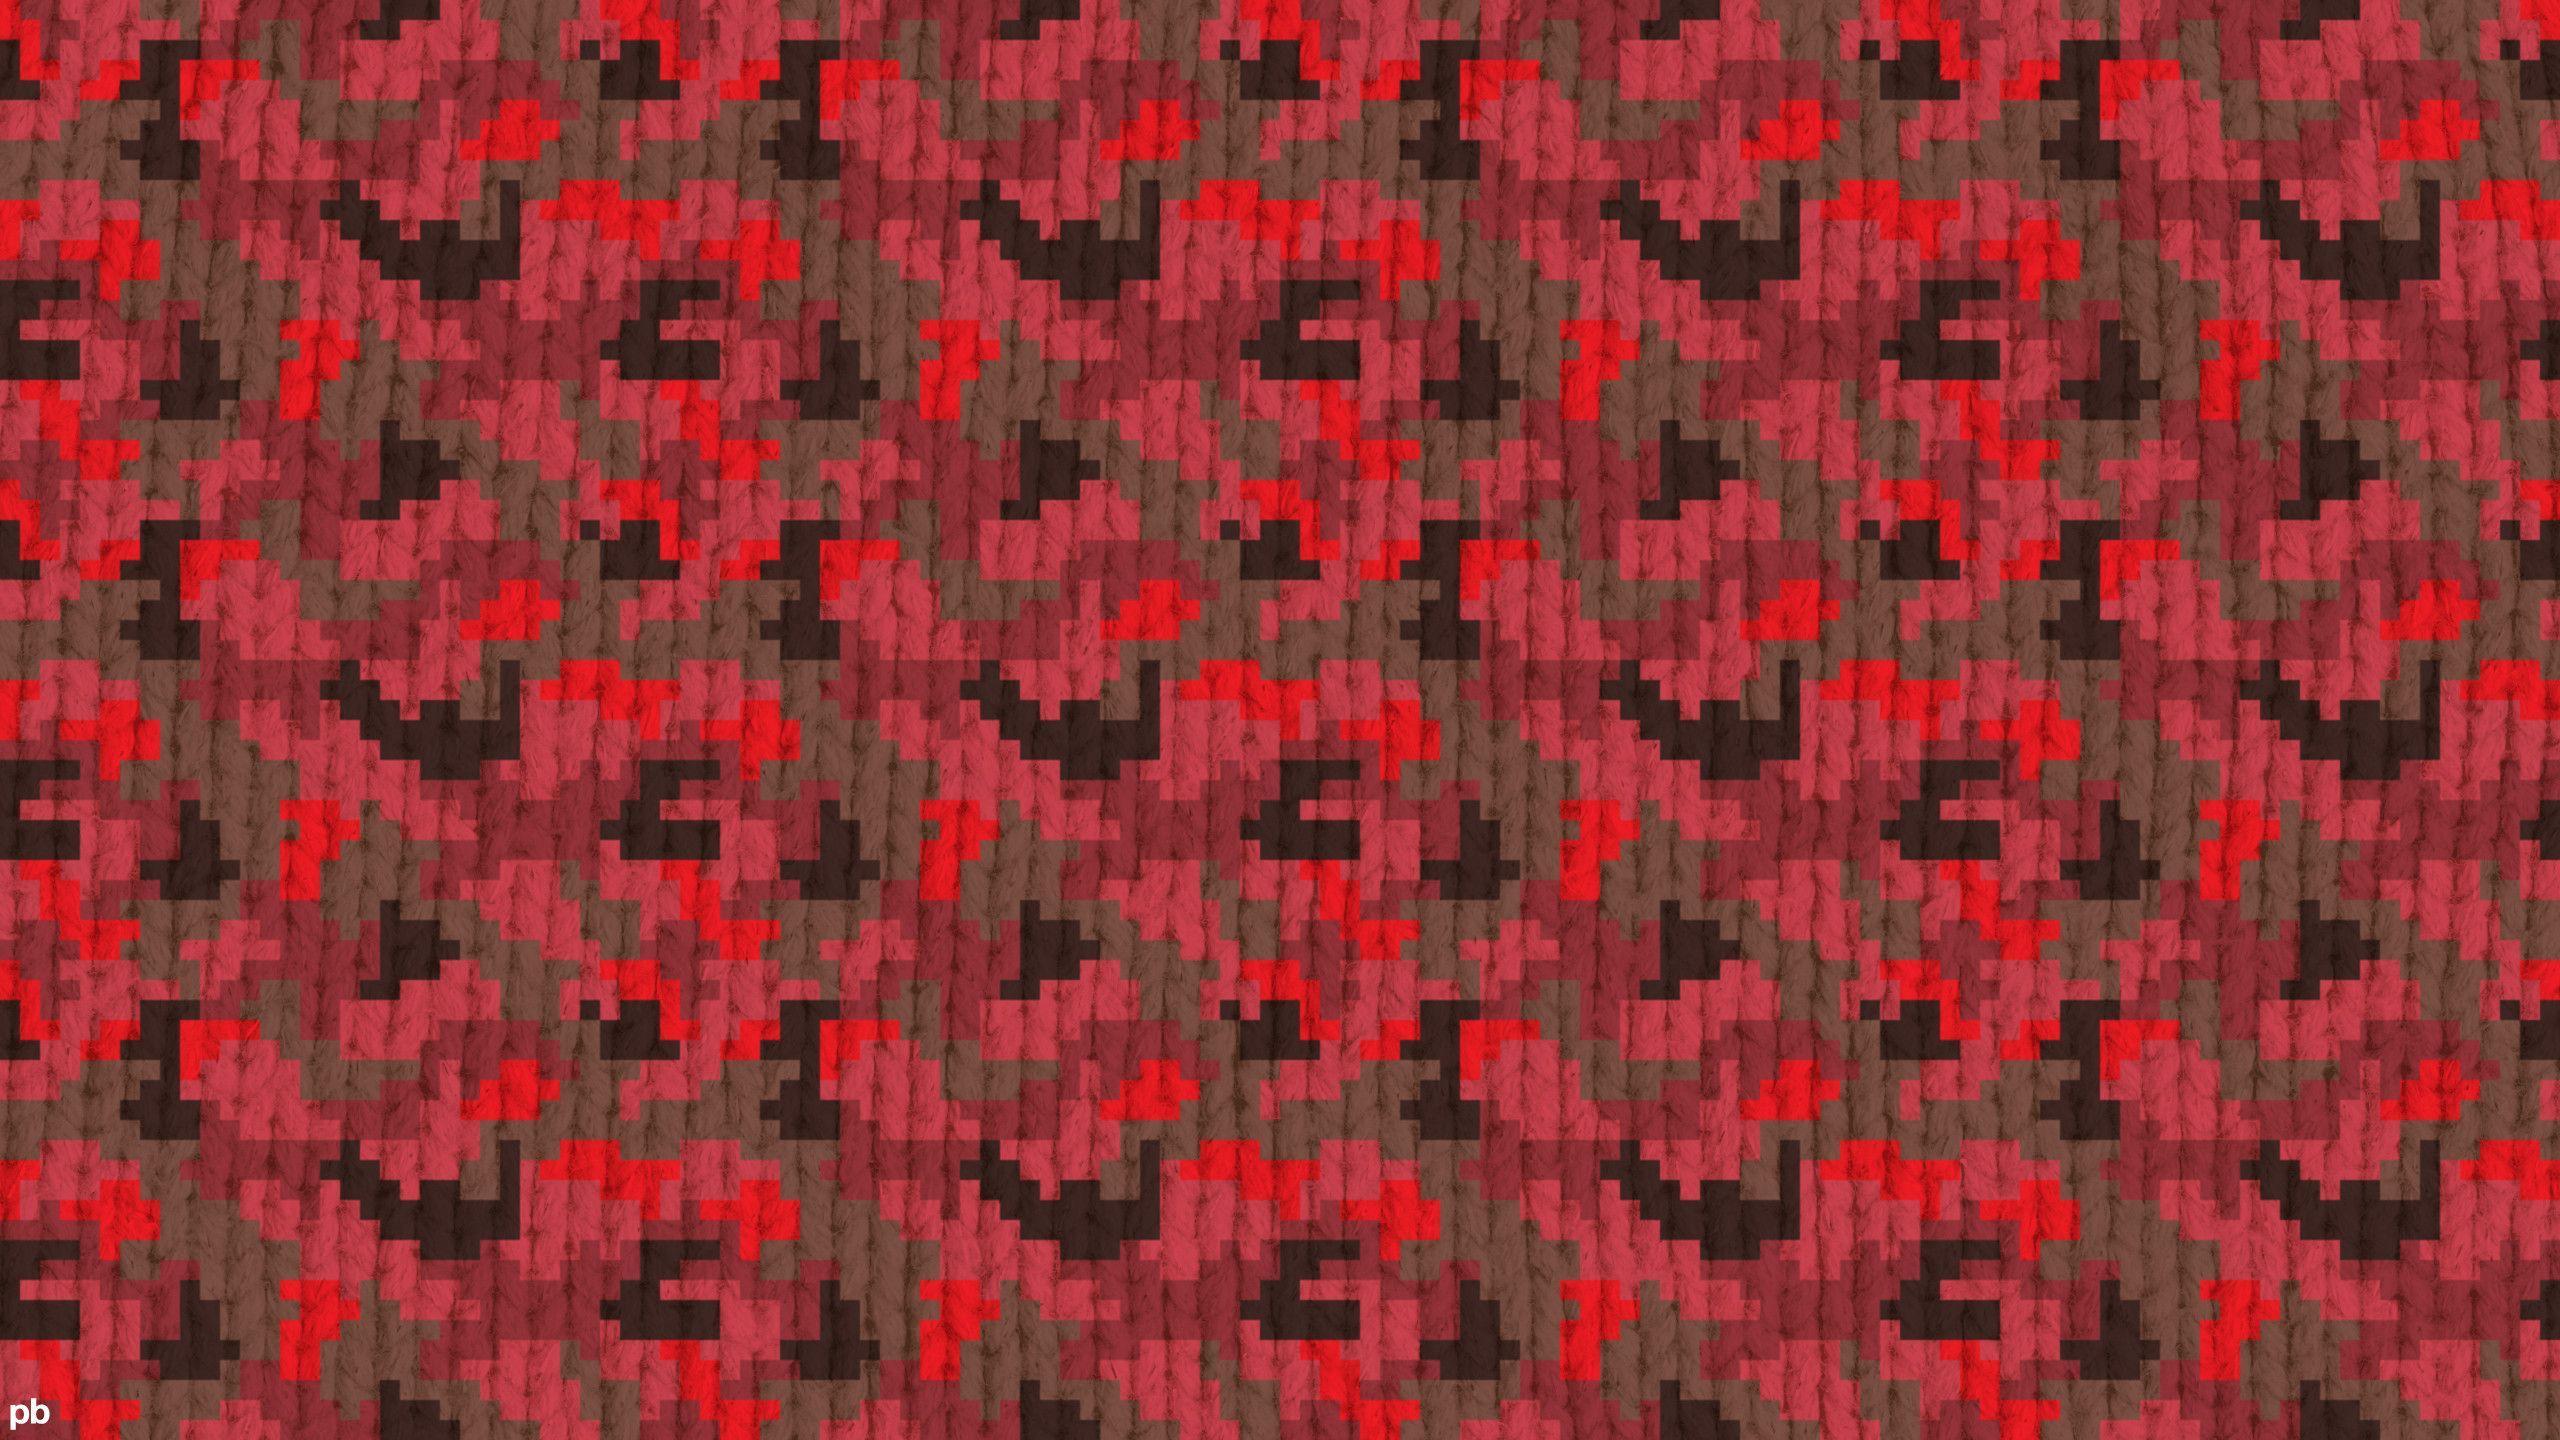 Red BAPE Camo Wallpapers - Top Free Red BAPE Camo ...